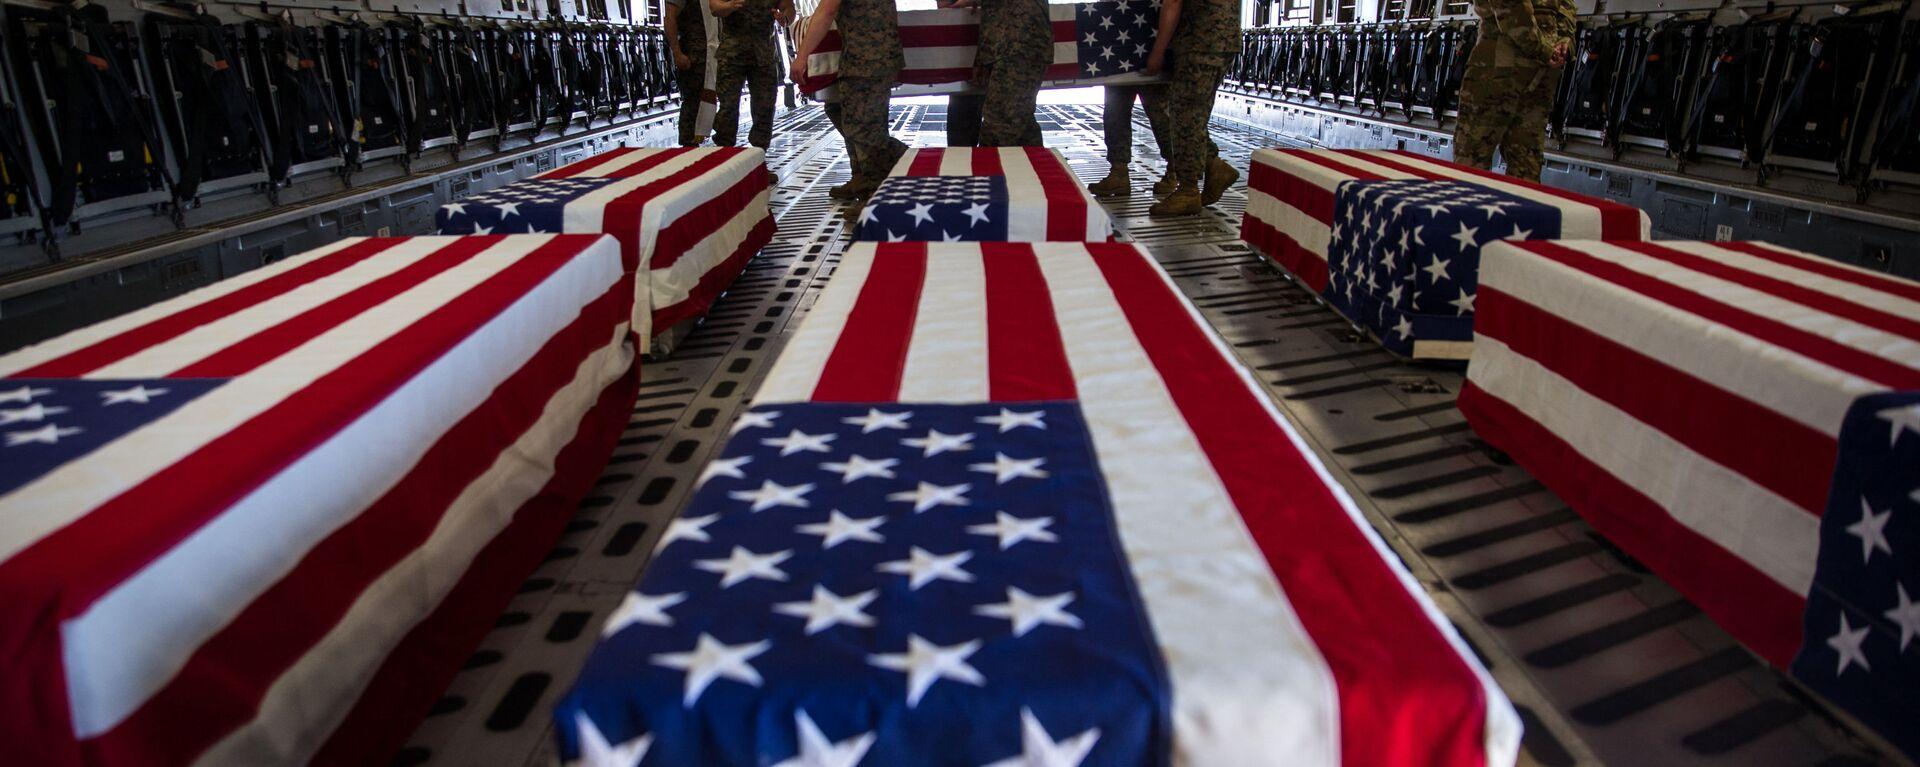 Гробы погибших американских военнослужащих в самолете C-17 Globemaster III ВВС США на авиабазе морской пехоты Мирамар - Sputnik Latvija, 1920, 27.04.2021